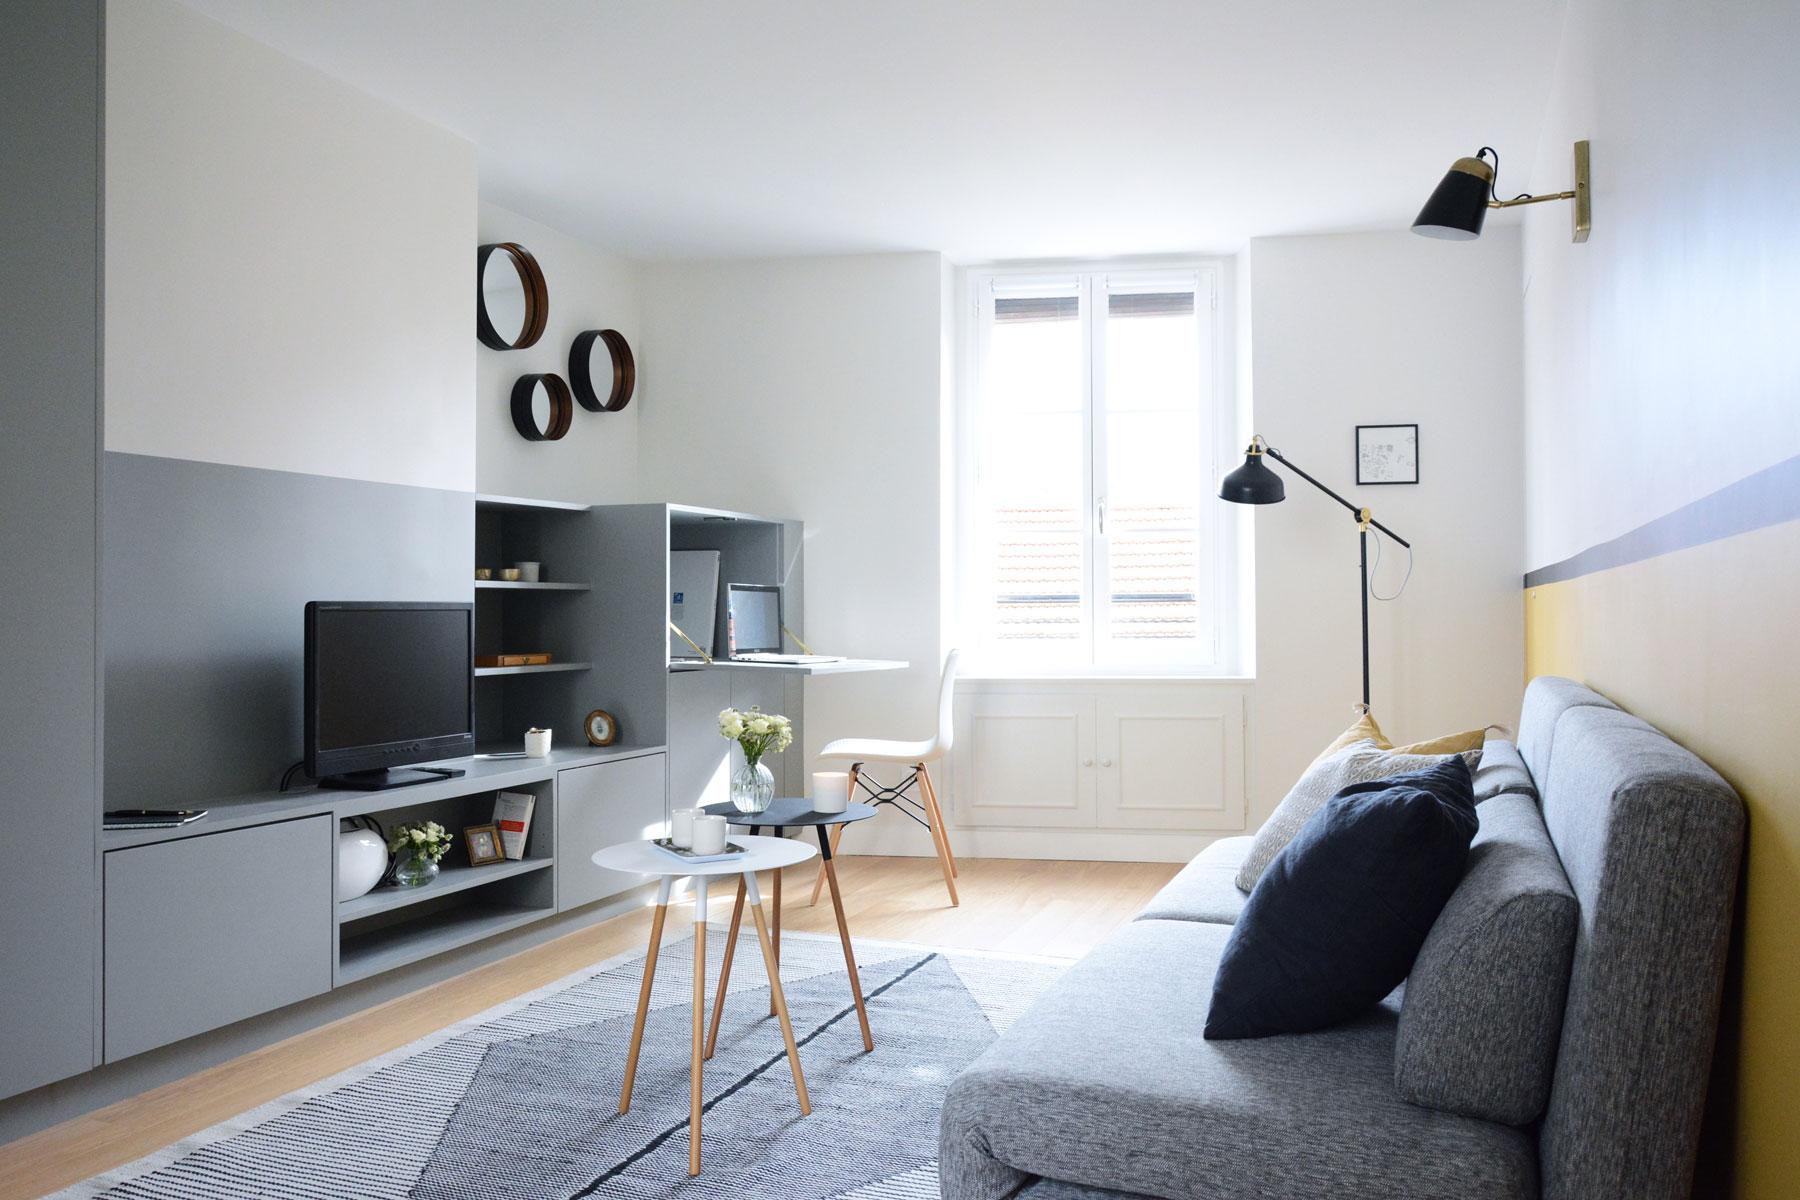 les murs ont des oreillesreportages les murs ont des oreilles. Black Bedroom Furniture Sets. Home Design Ideas